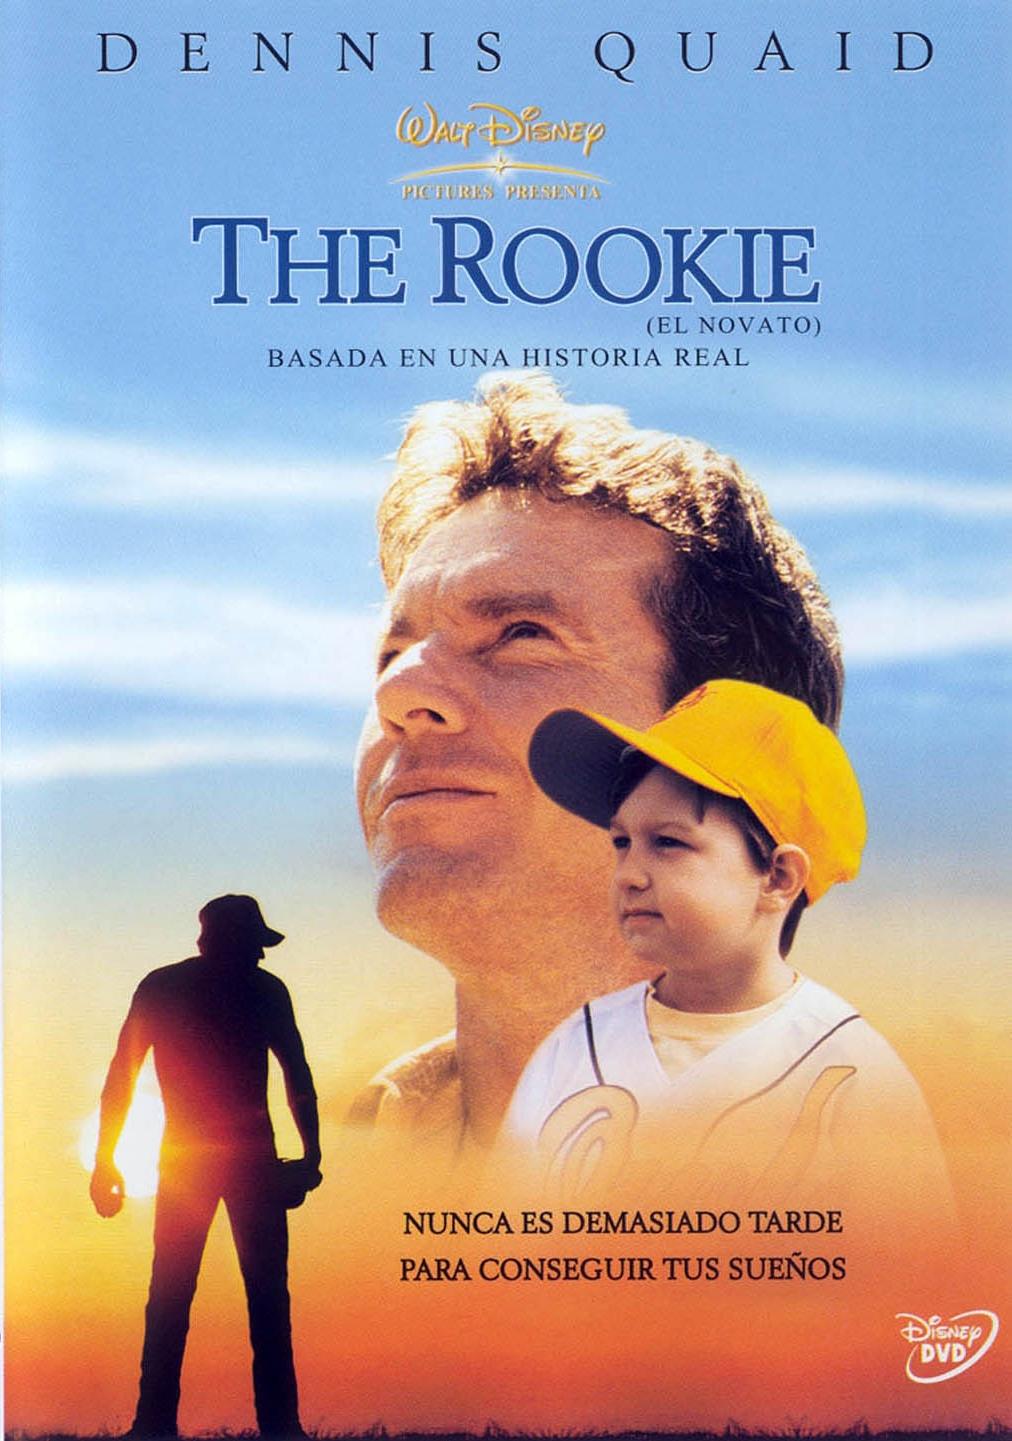 TÓMBOLA DISNEY: The Rookie (El Novato)